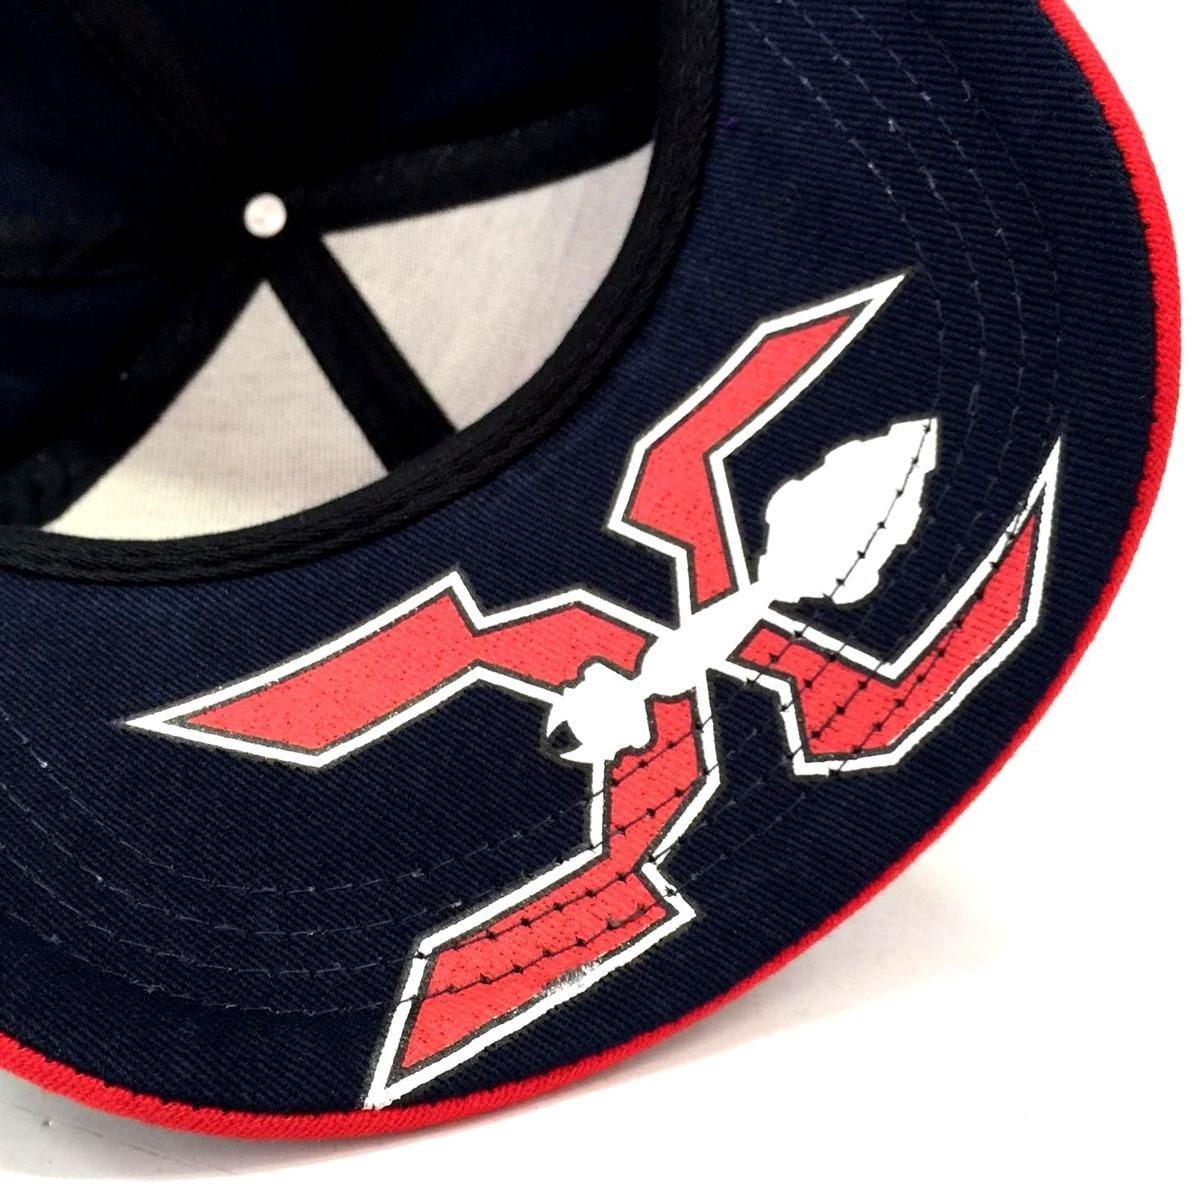 bone bombeta chapéu red bull 93 marquez moto gp preto. Carregando zoom. 8aa7e77f4ba